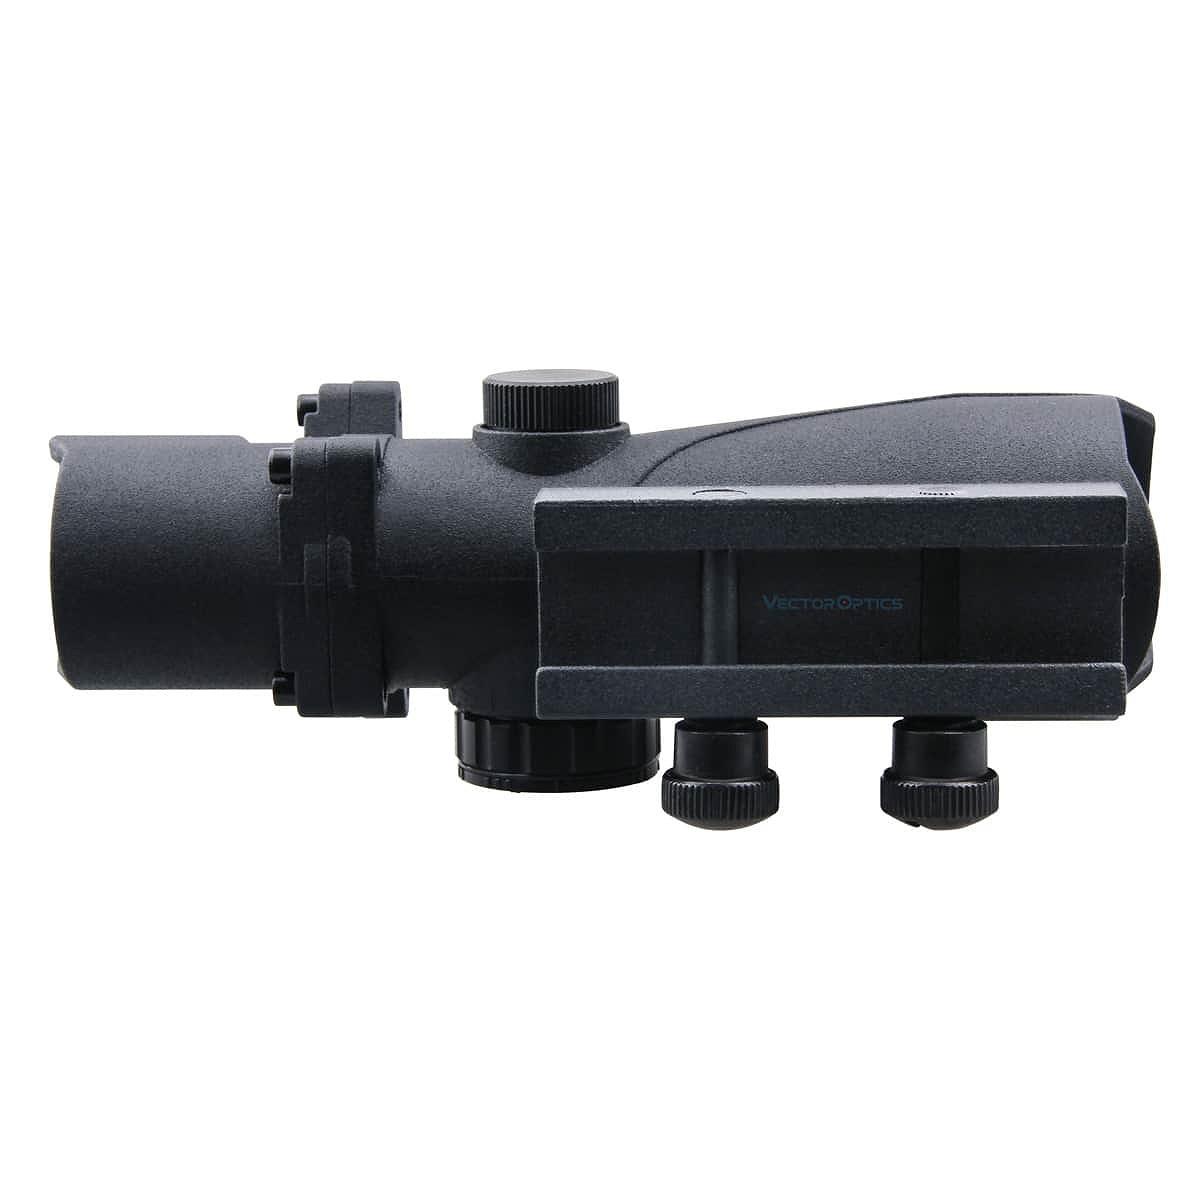 【お届け予定日: 5月30日】ベクターオプティクス ドットサイト Condor 2x42  Vector Optics SCRD-03